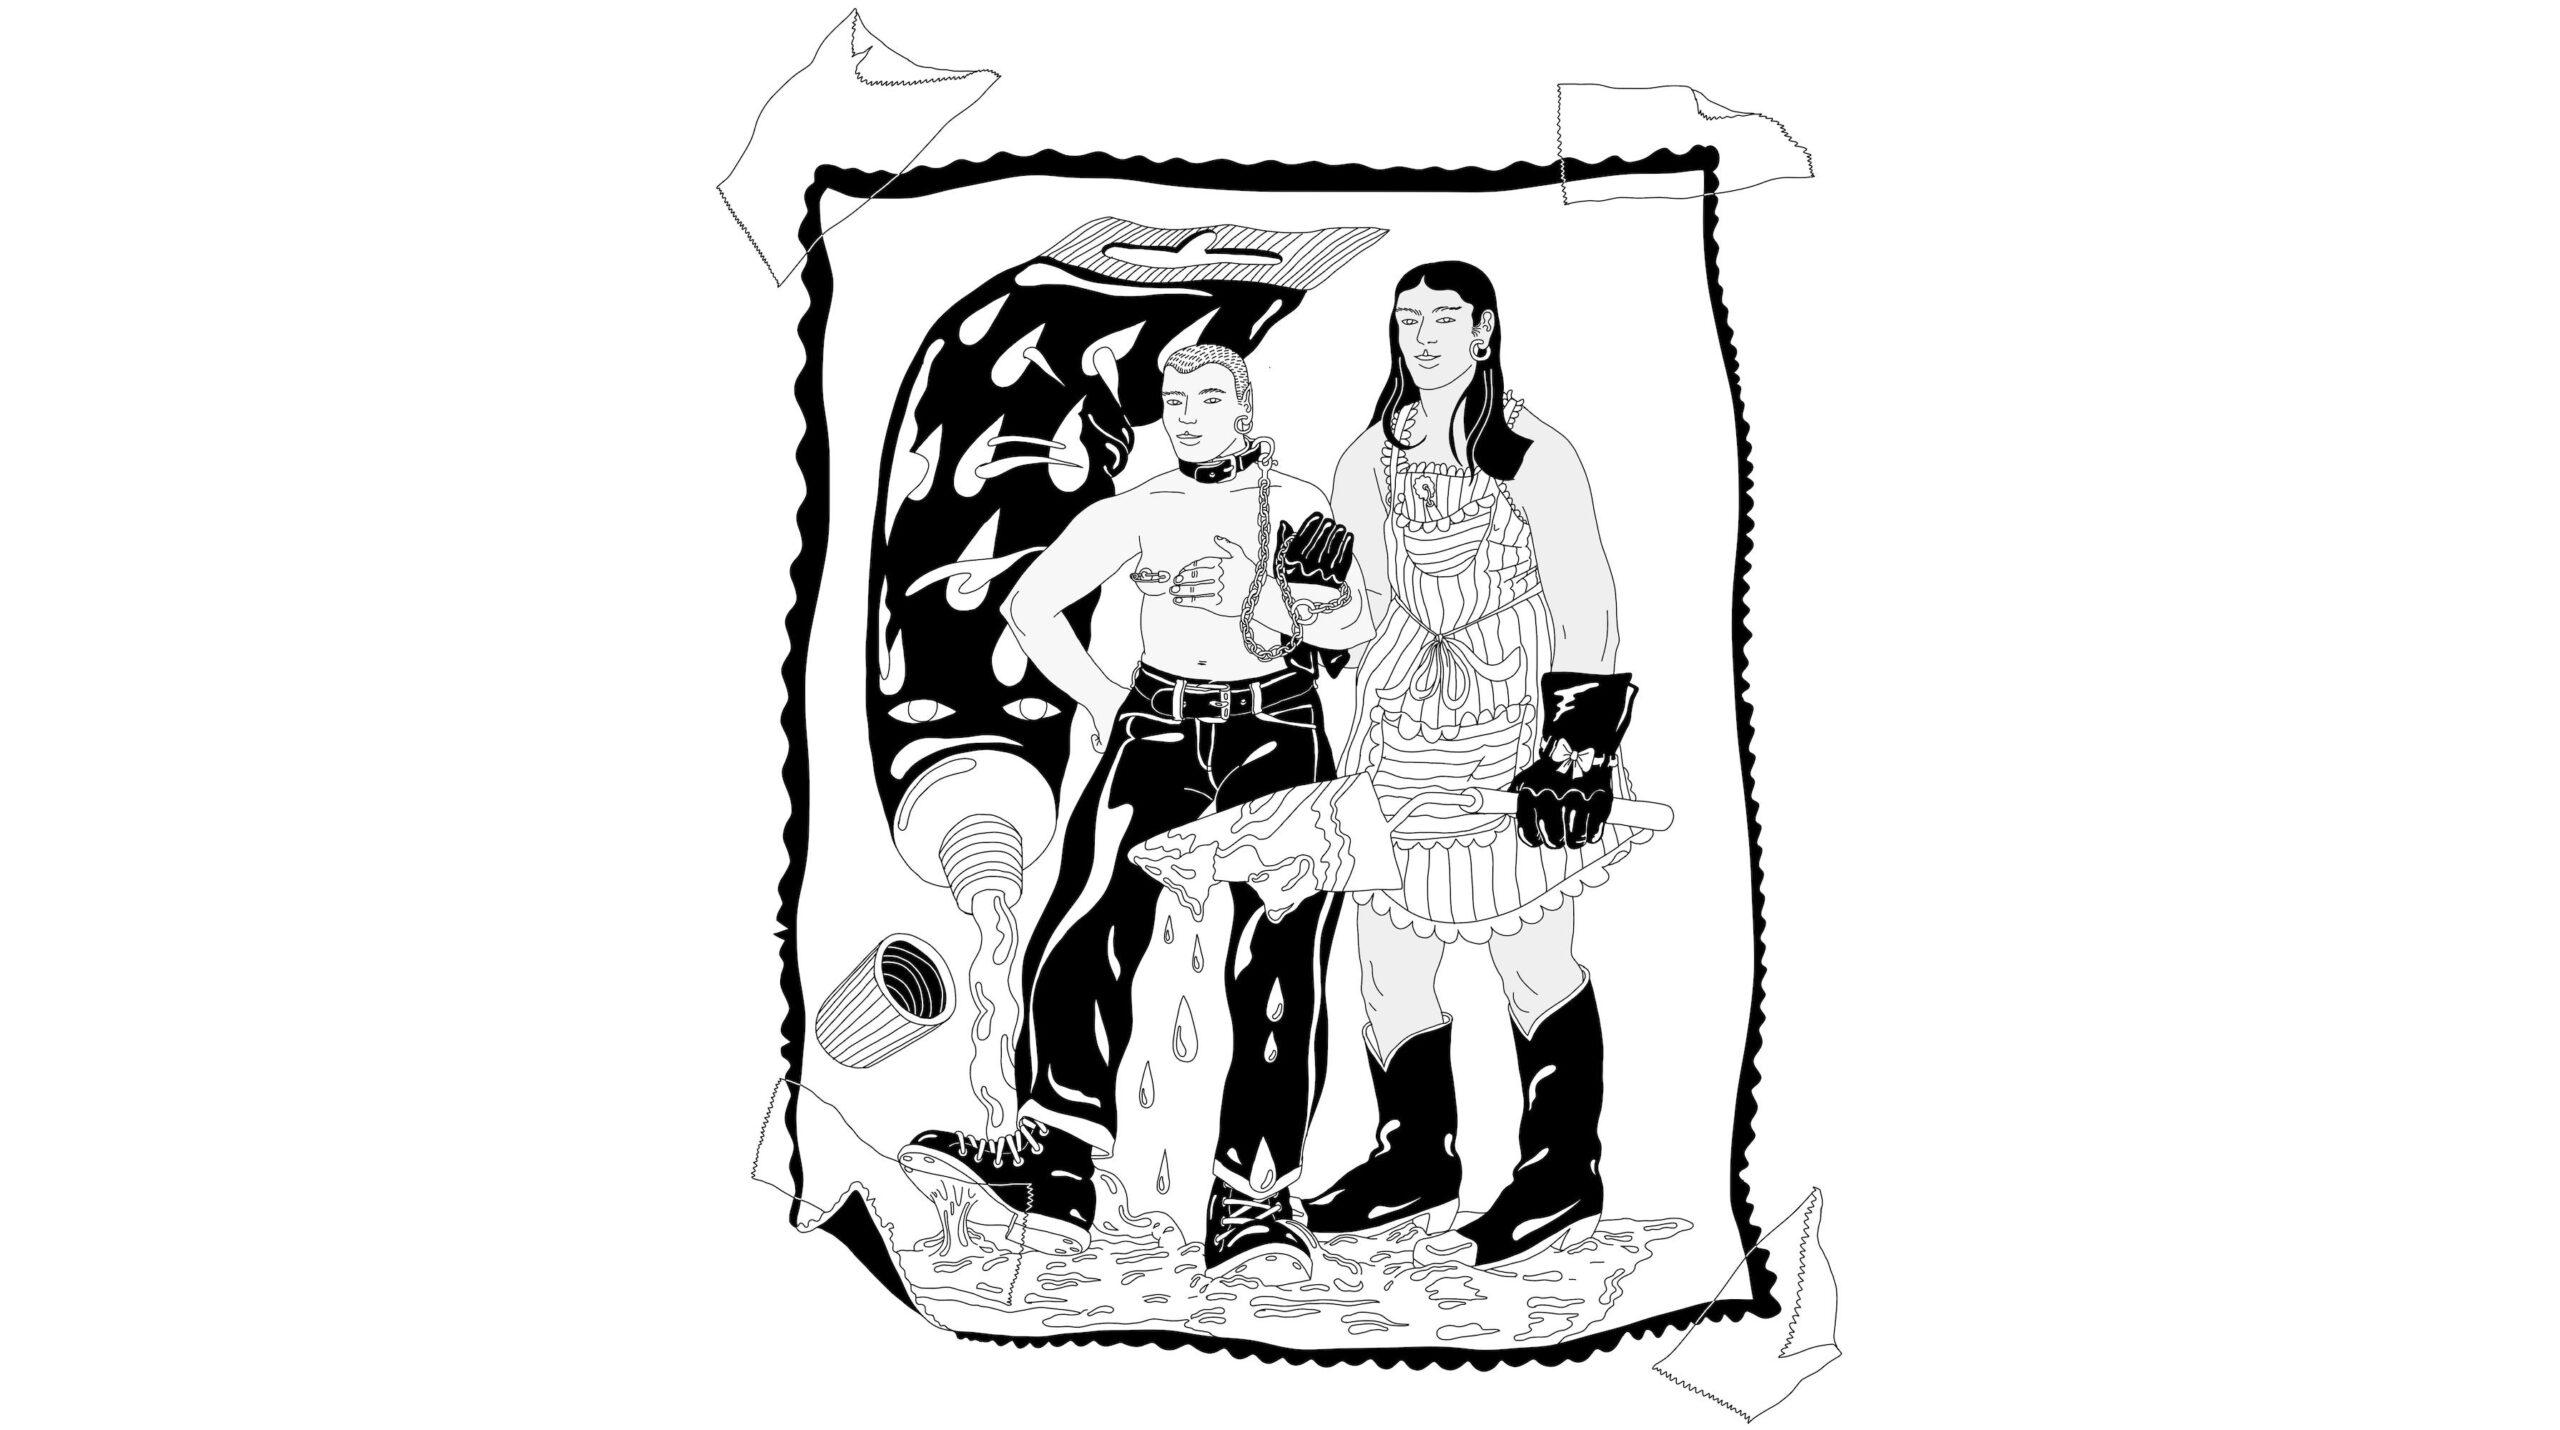 Edith Hammarin tussipiirros, seinään teipatusta kuvasta, jossa kaksi henkilöä seisovat suuresta tuubista valuvassa nesteessä. Ensimmäinen henkilöistä on yläosattomissa ja toisella on esiliina, ja hän pitää ensimmäistä henkilöä kaulahihnassa.